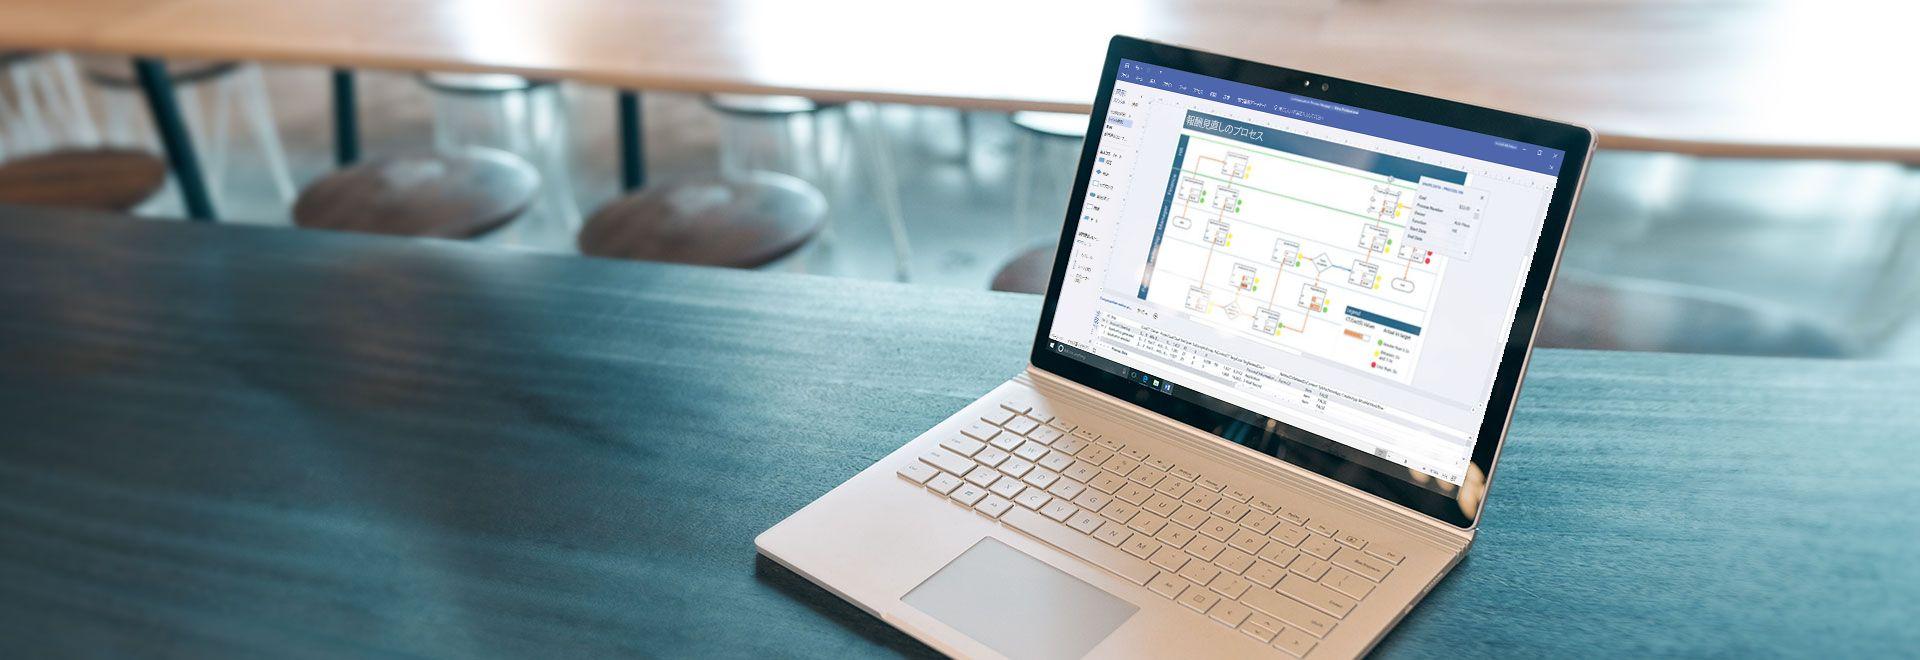 ノート PC に Visio で作成したプロセス ワークフロー図が表示されています